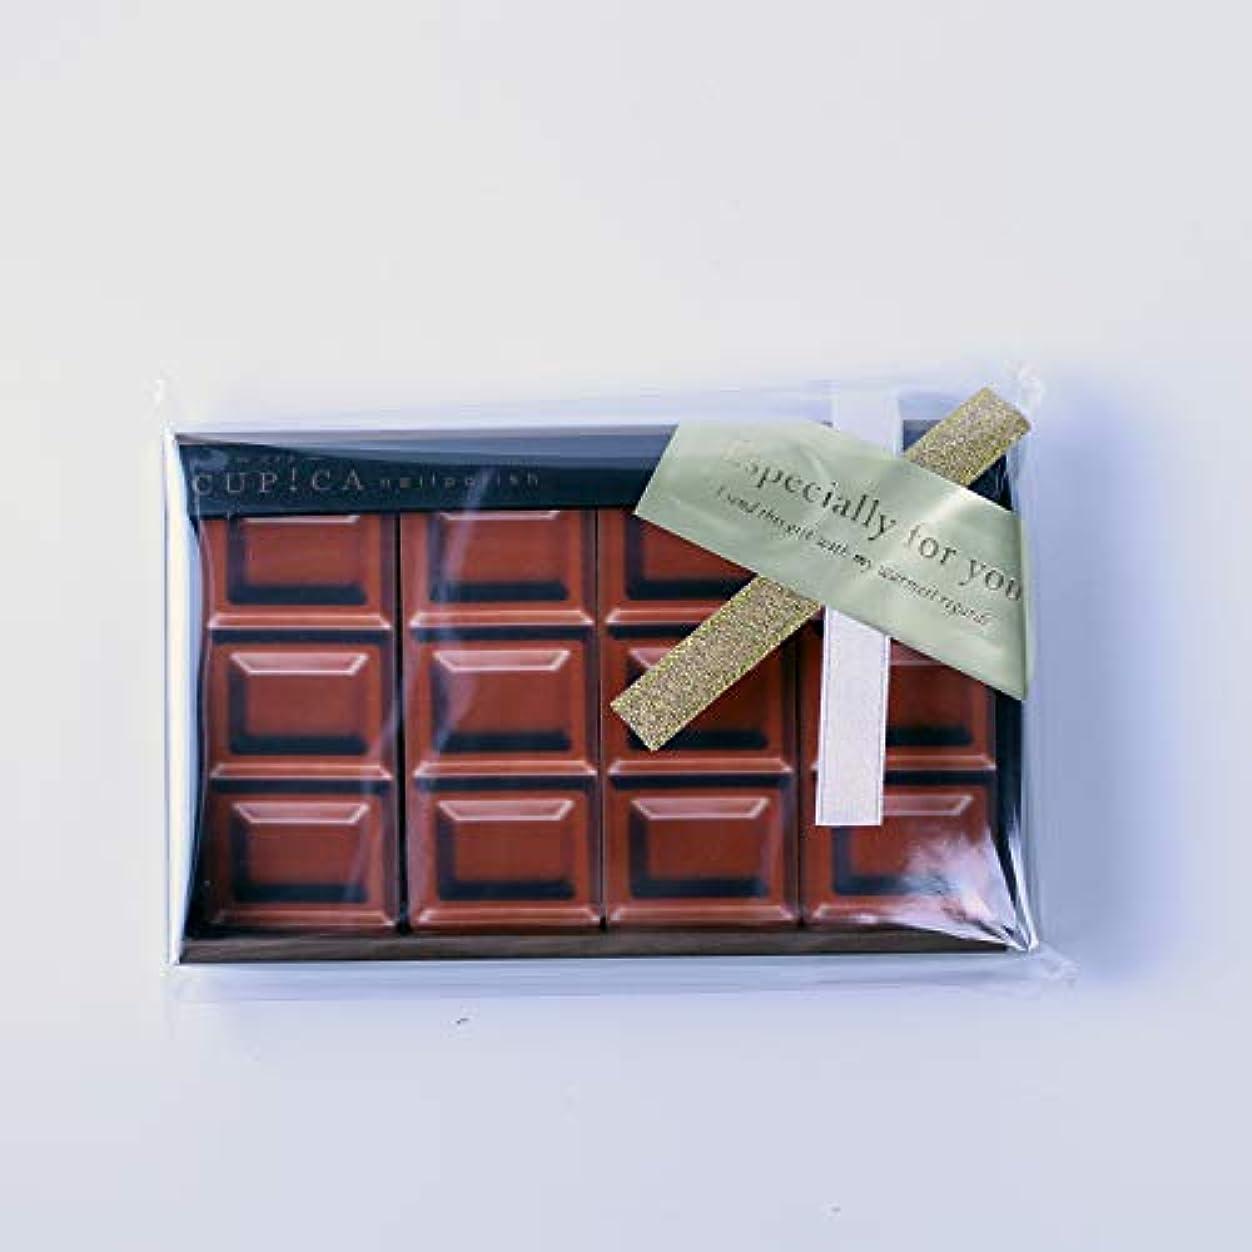 コジオスコ座る薬局バレンタイン ホワイトデー ギフト お餞別 チョコのような爪磨き おもしろグッズ アルスキュピカ チョコレート柄 ギフトシール付 クリアケース入